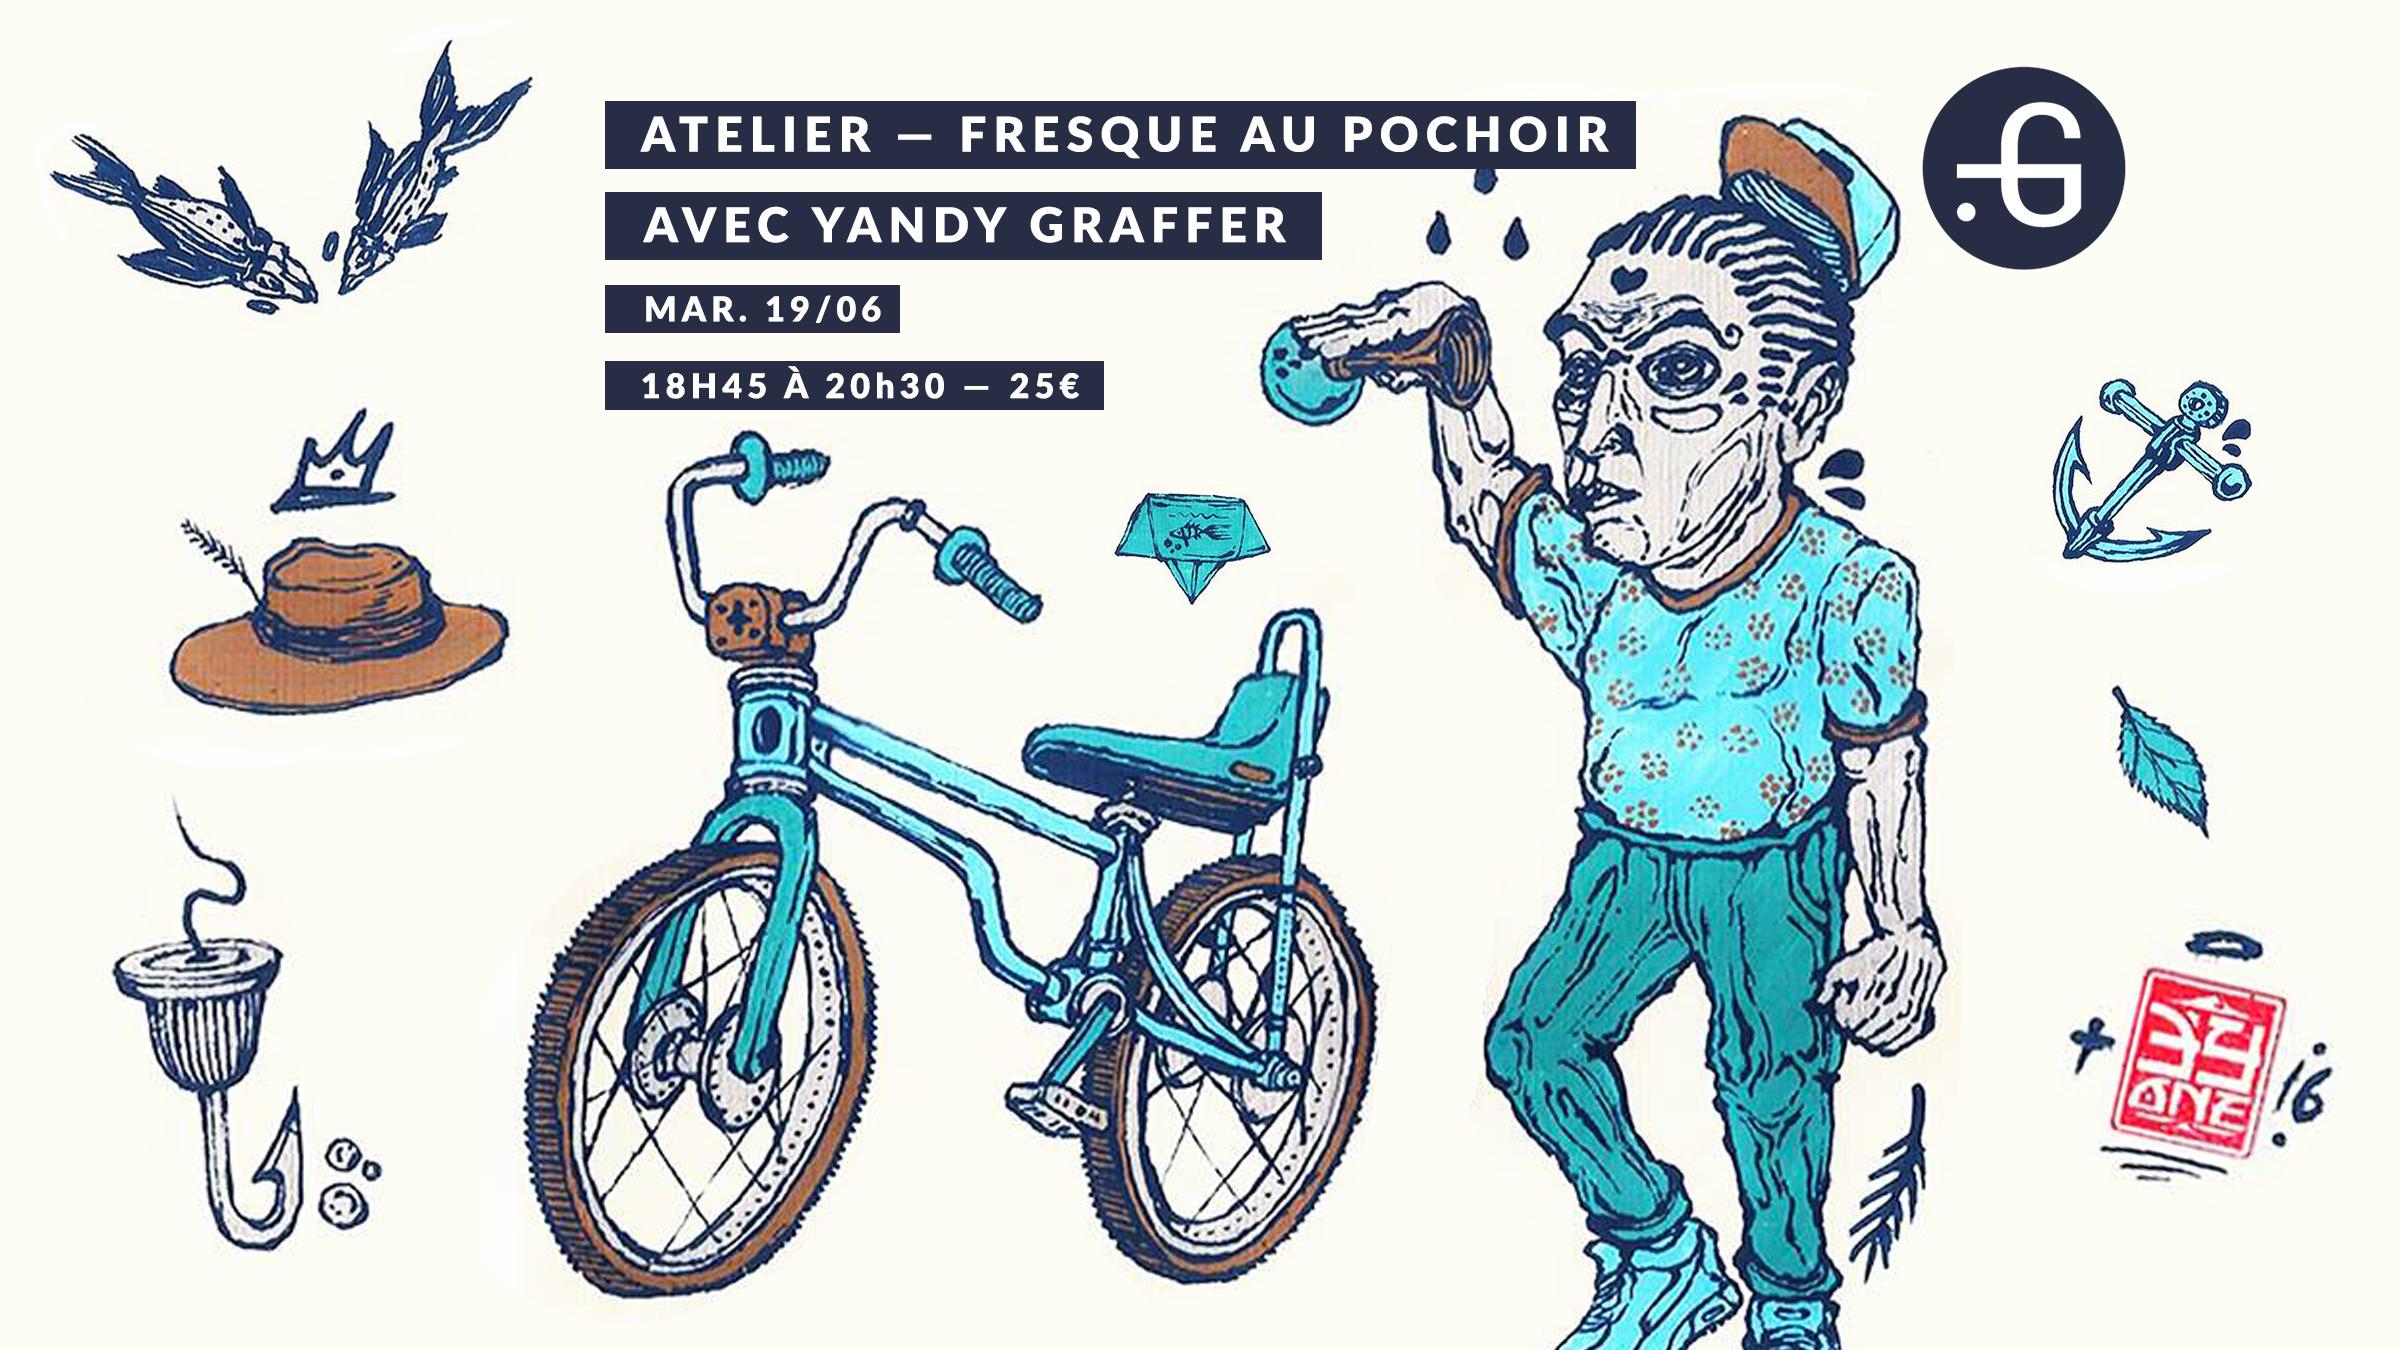 Atelier, fresque au pochoir, yandy graffer, 19/06